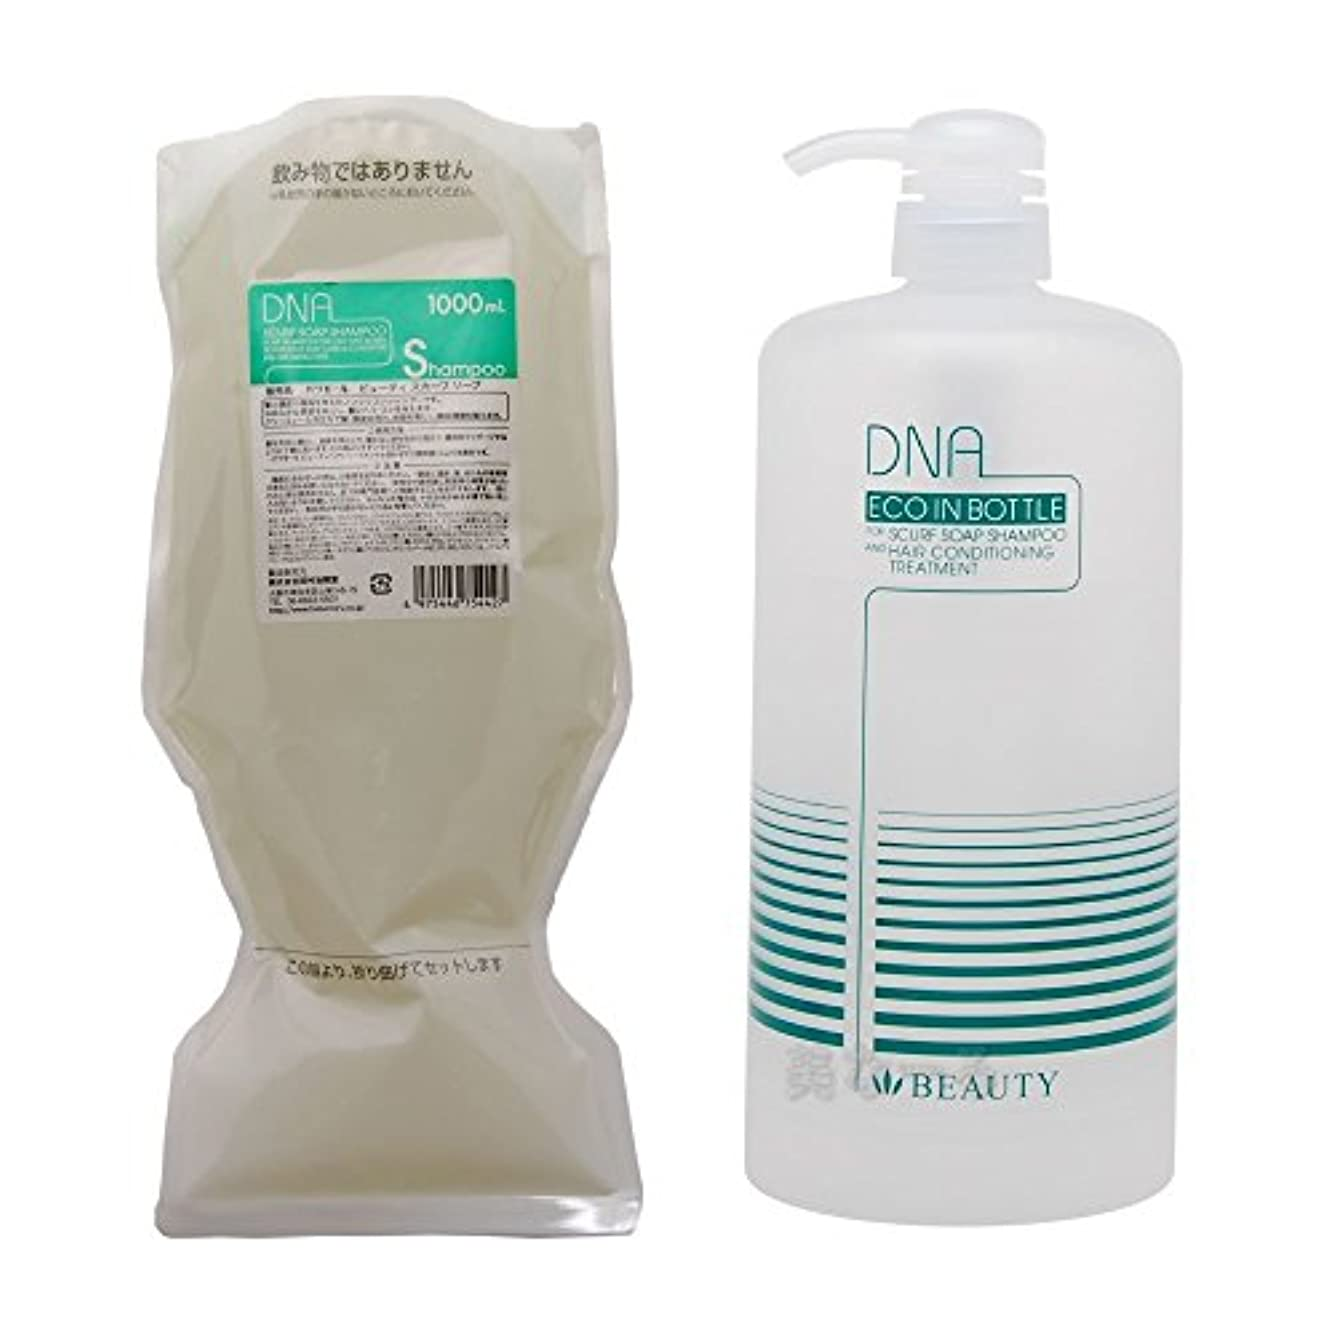 前投薬禁じる罰ハツモール ビューティースカーフソープ DNA シャンプー 1000ml &専用空ボトル